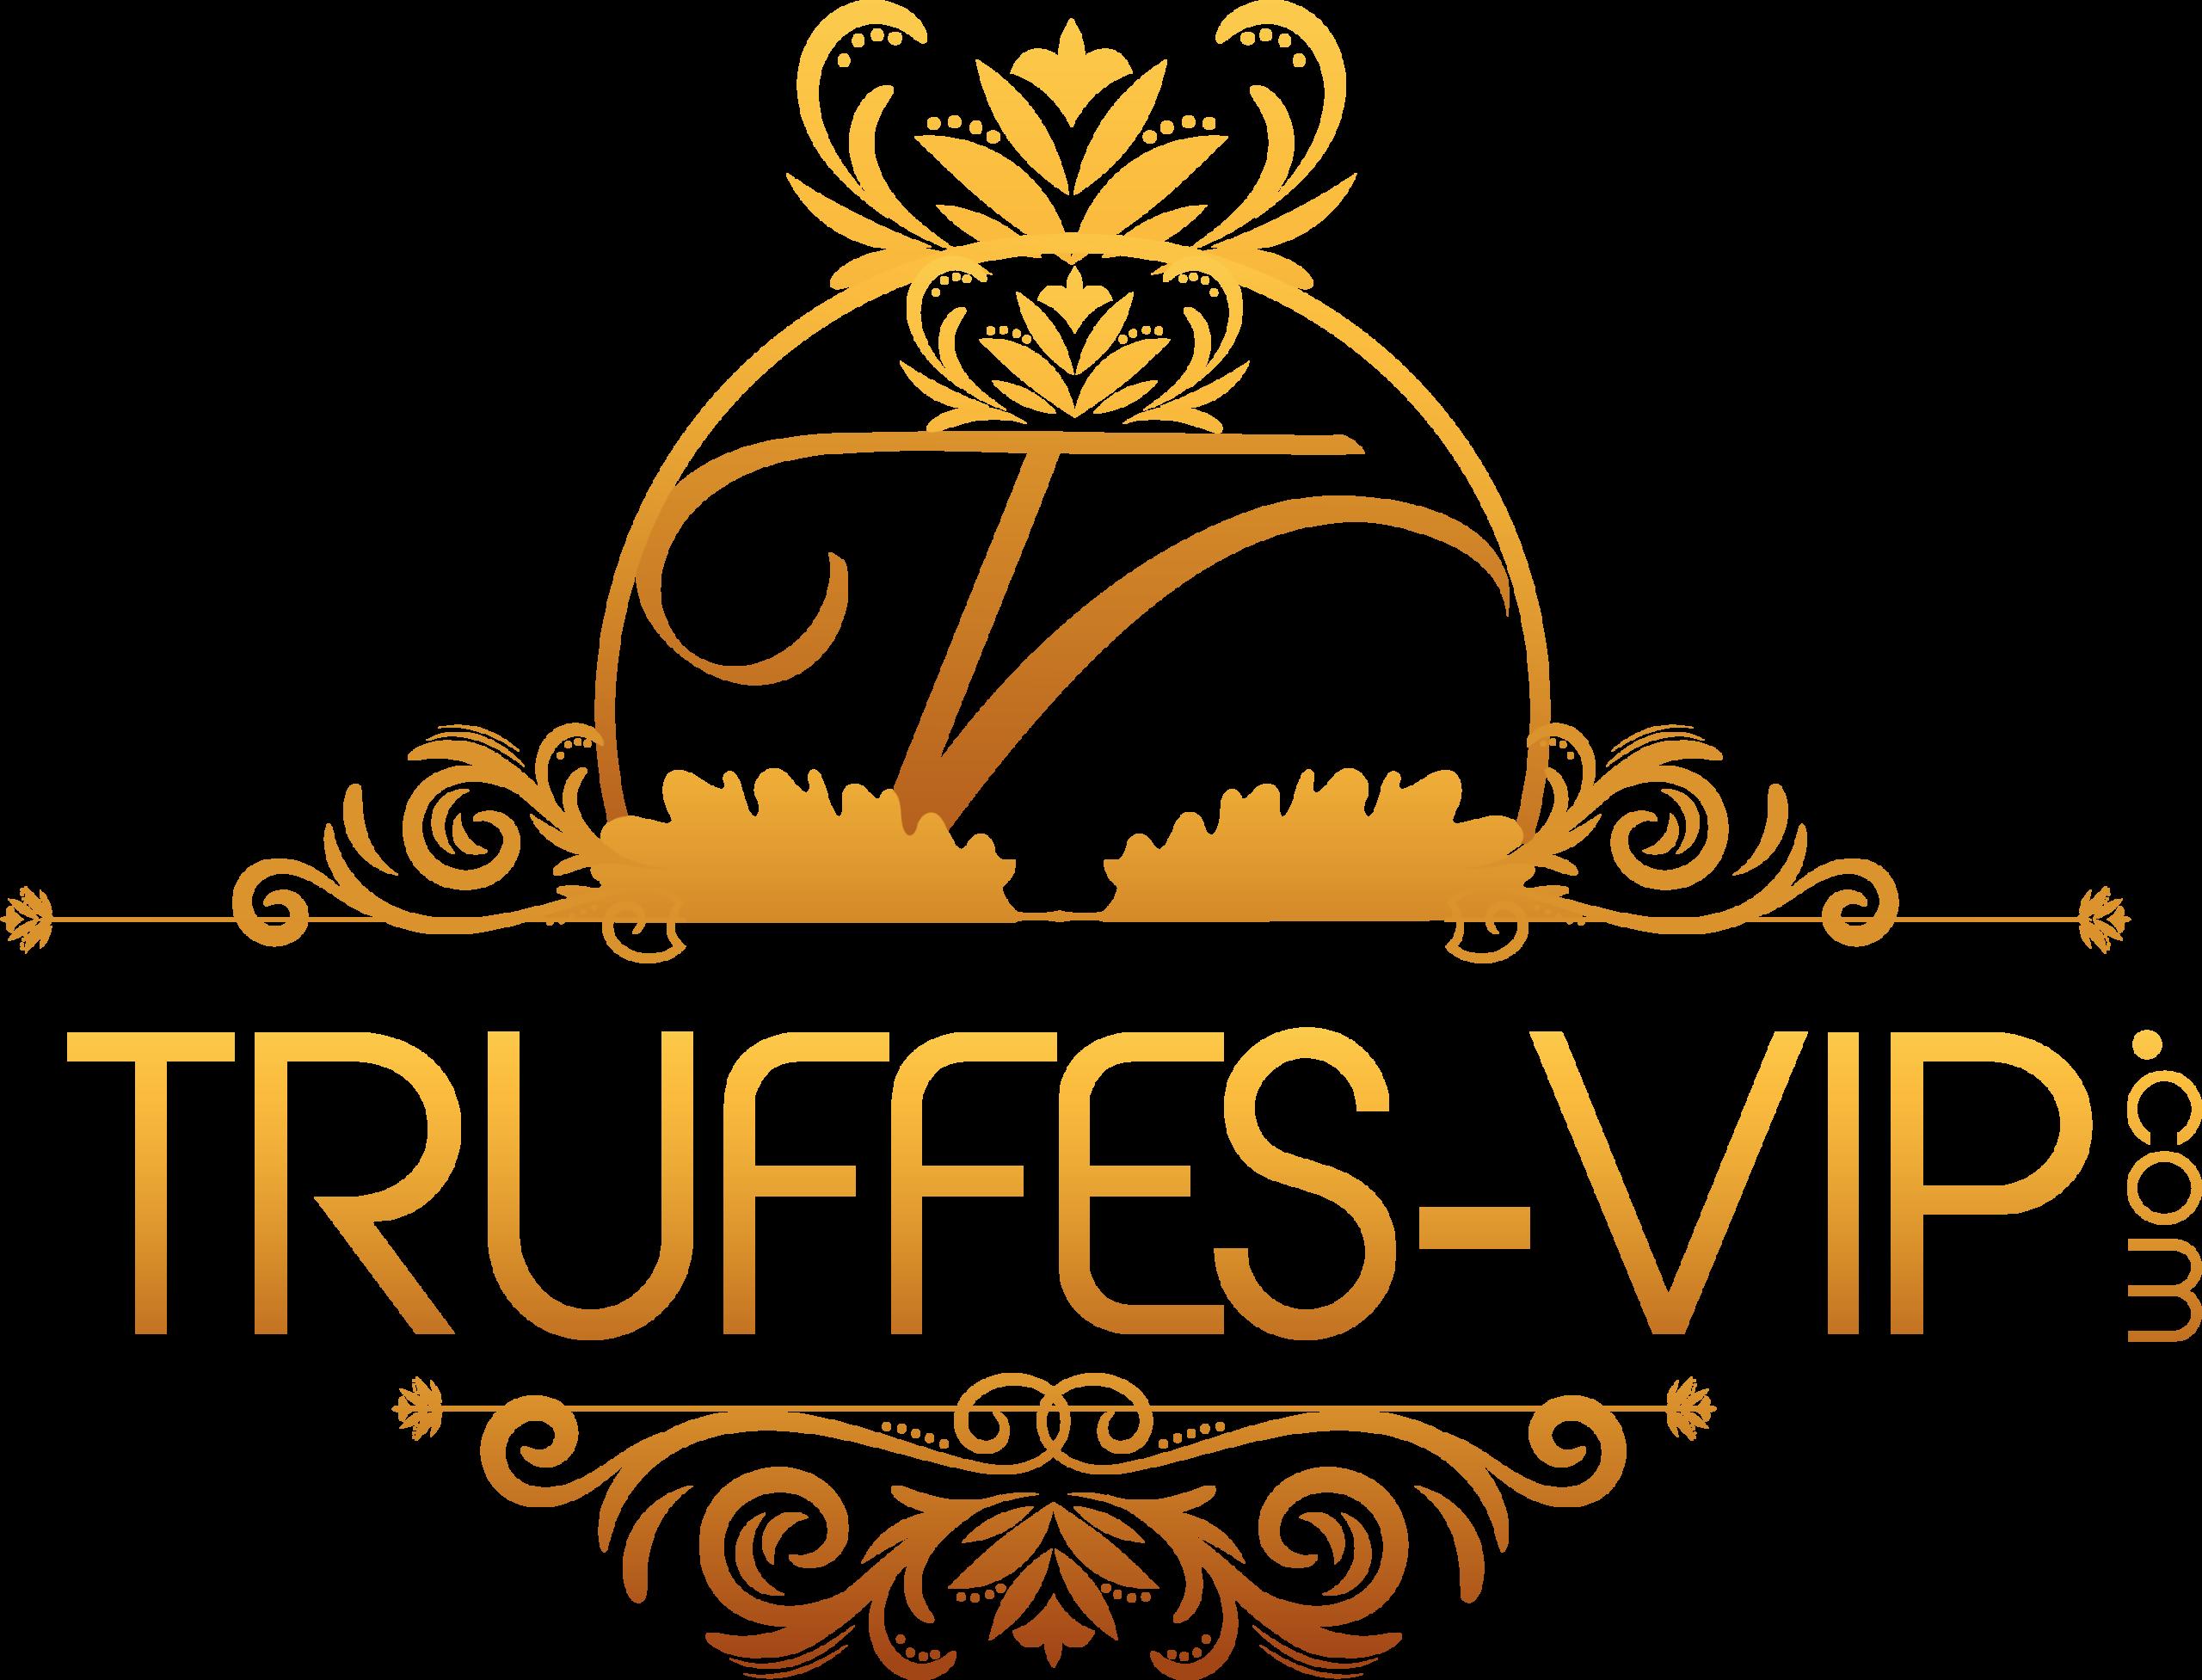 Mga truffle ng VIP